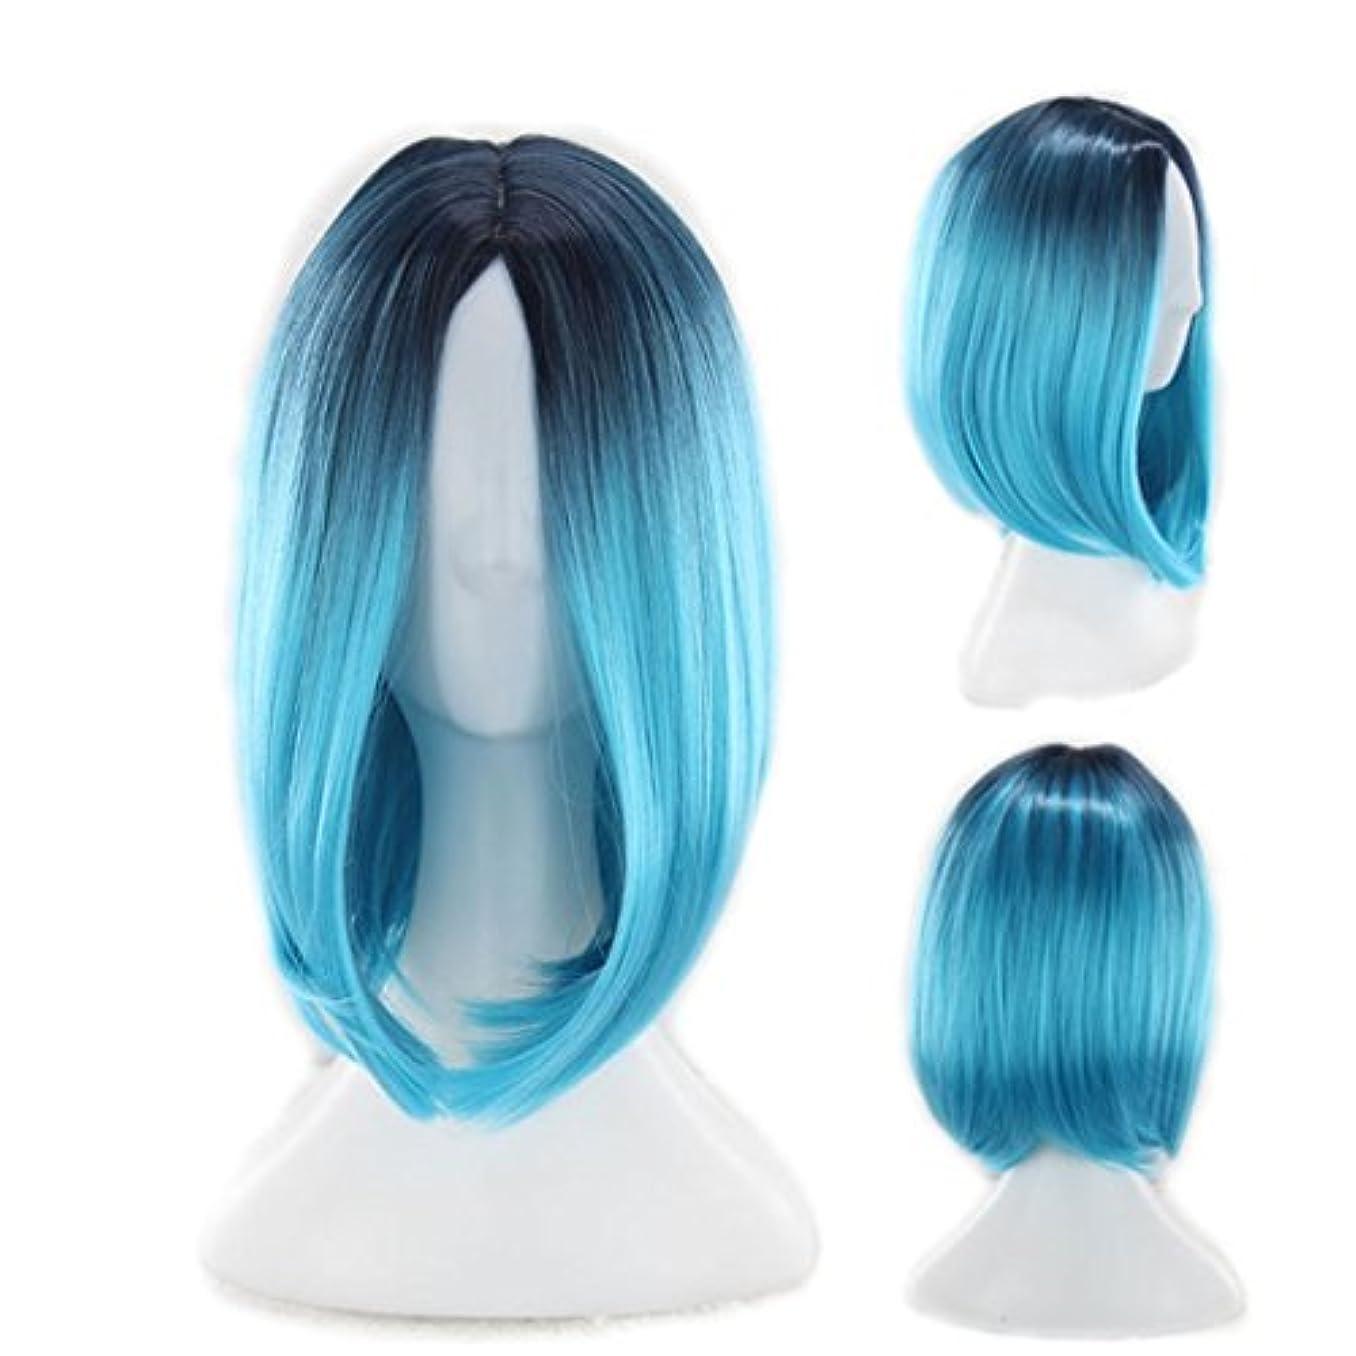 望まないバイソン公園JIANFU 女性用ナチュラルグラデーションカラーウィッグミドルバンズ付きショートボボヘッドウィッグ髪用耐熱ウィッグ長さ35cm (Color : ブルー)